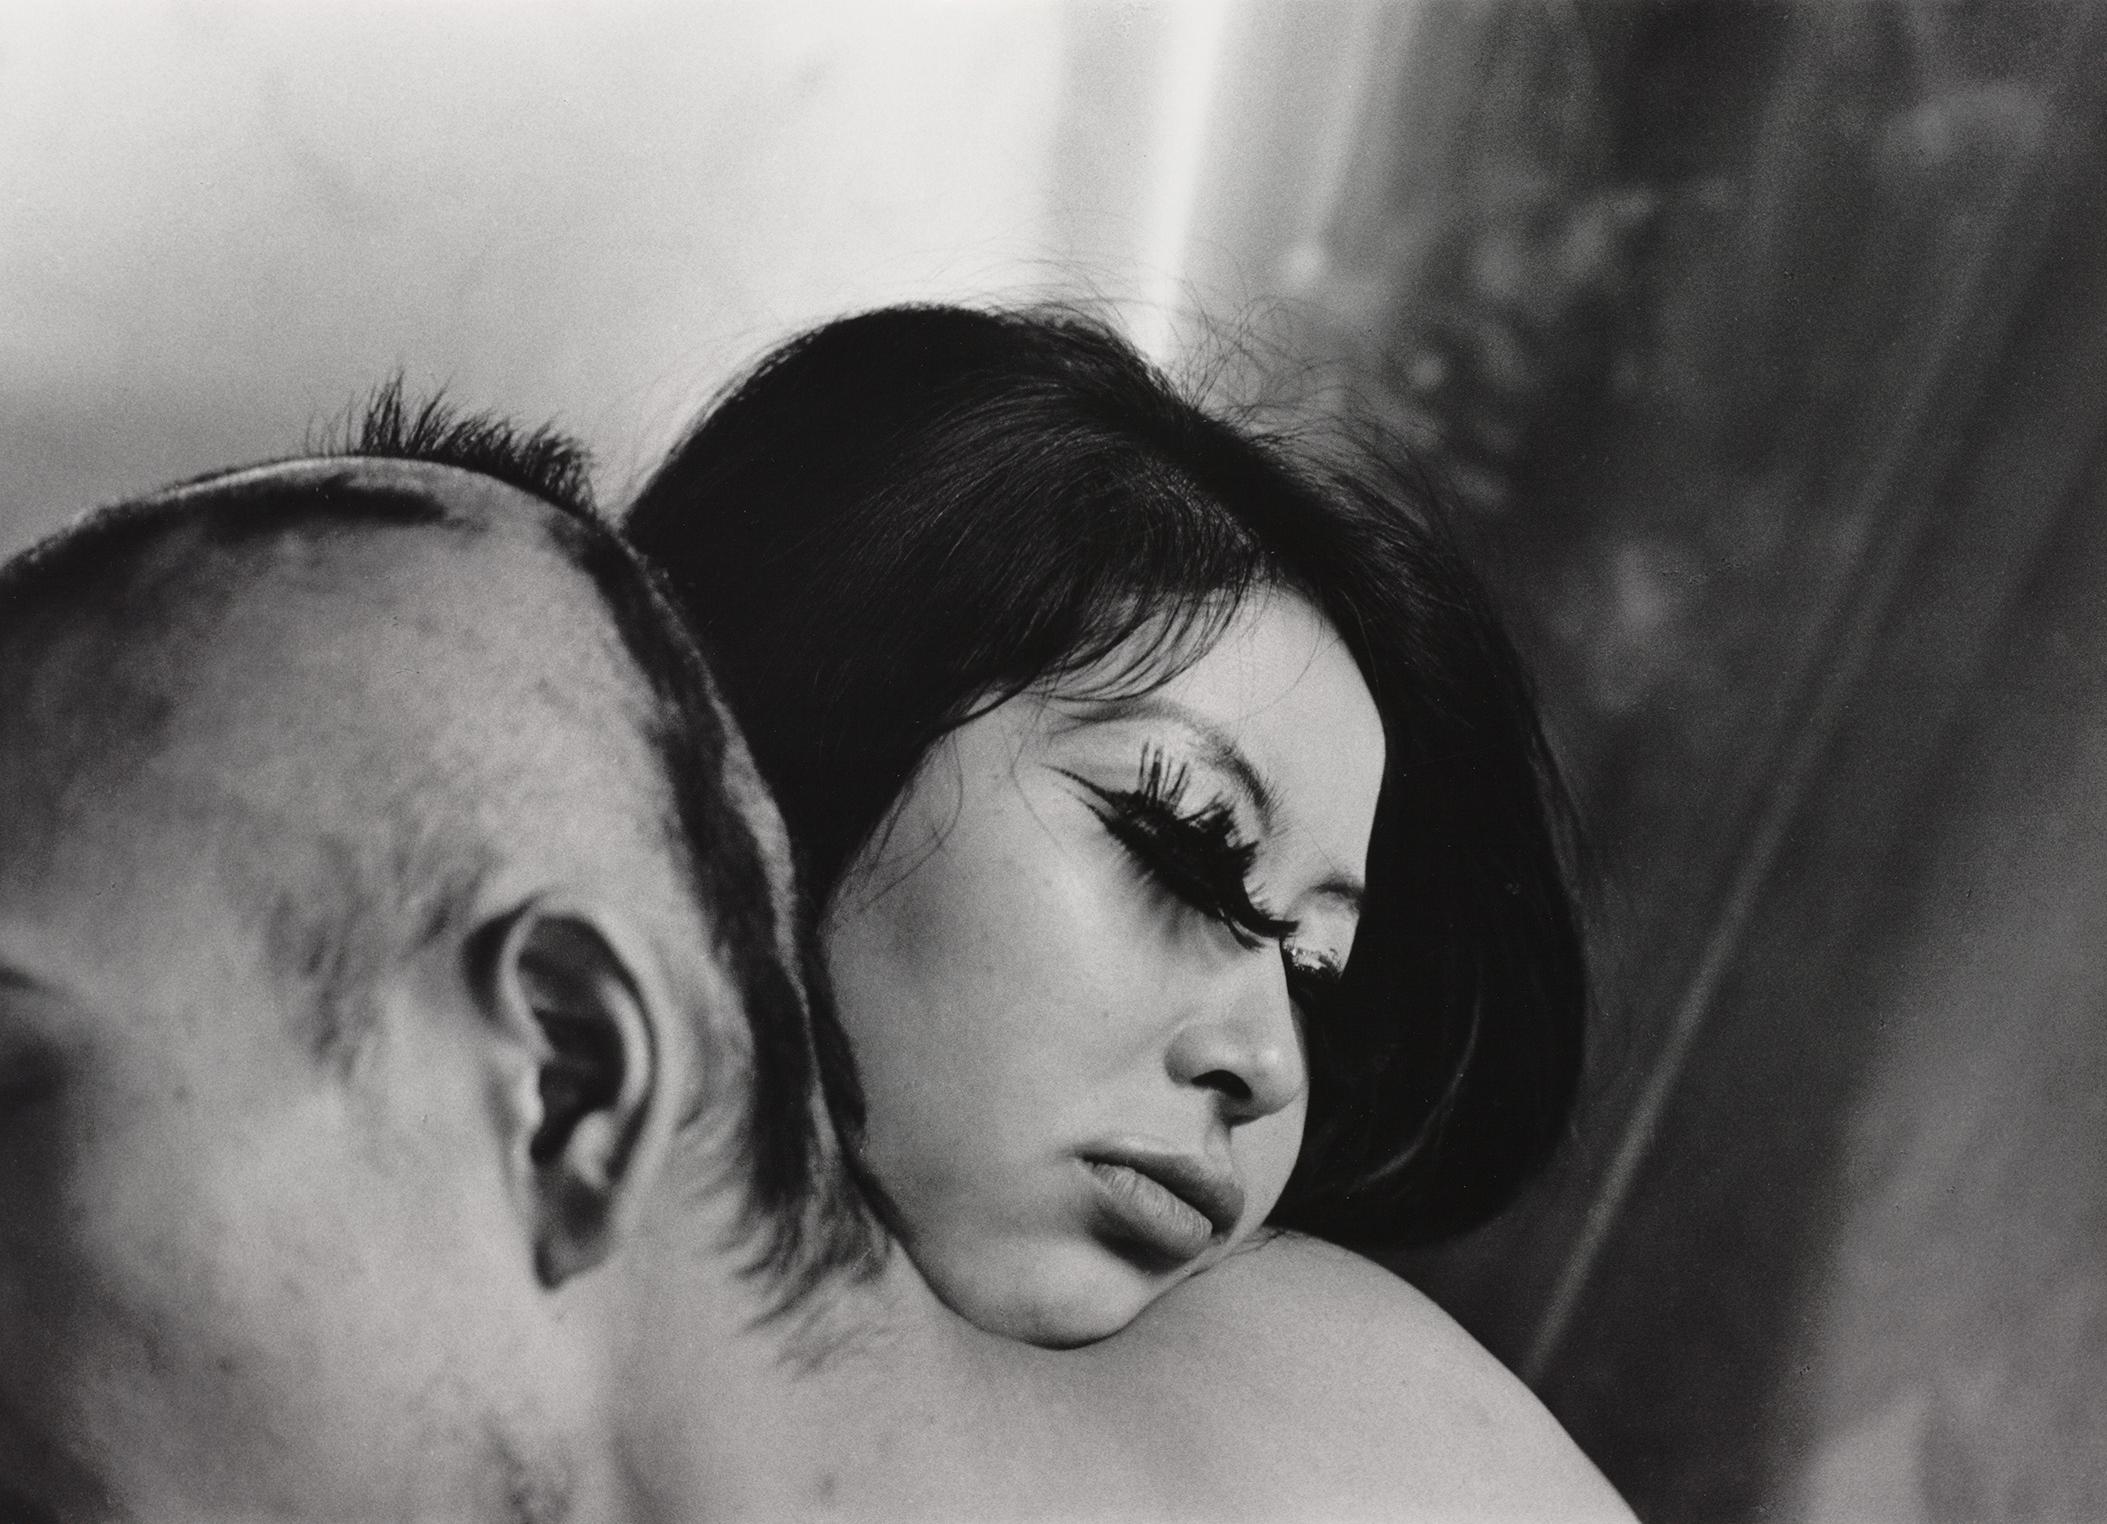 Shomei Tomatsu Blood and Rose, Tokyo, 1969 Albertina, Wien – Dauerleihgabe der Österreichischen Ludwig-Stiftung für Kunst und Wissenschaft